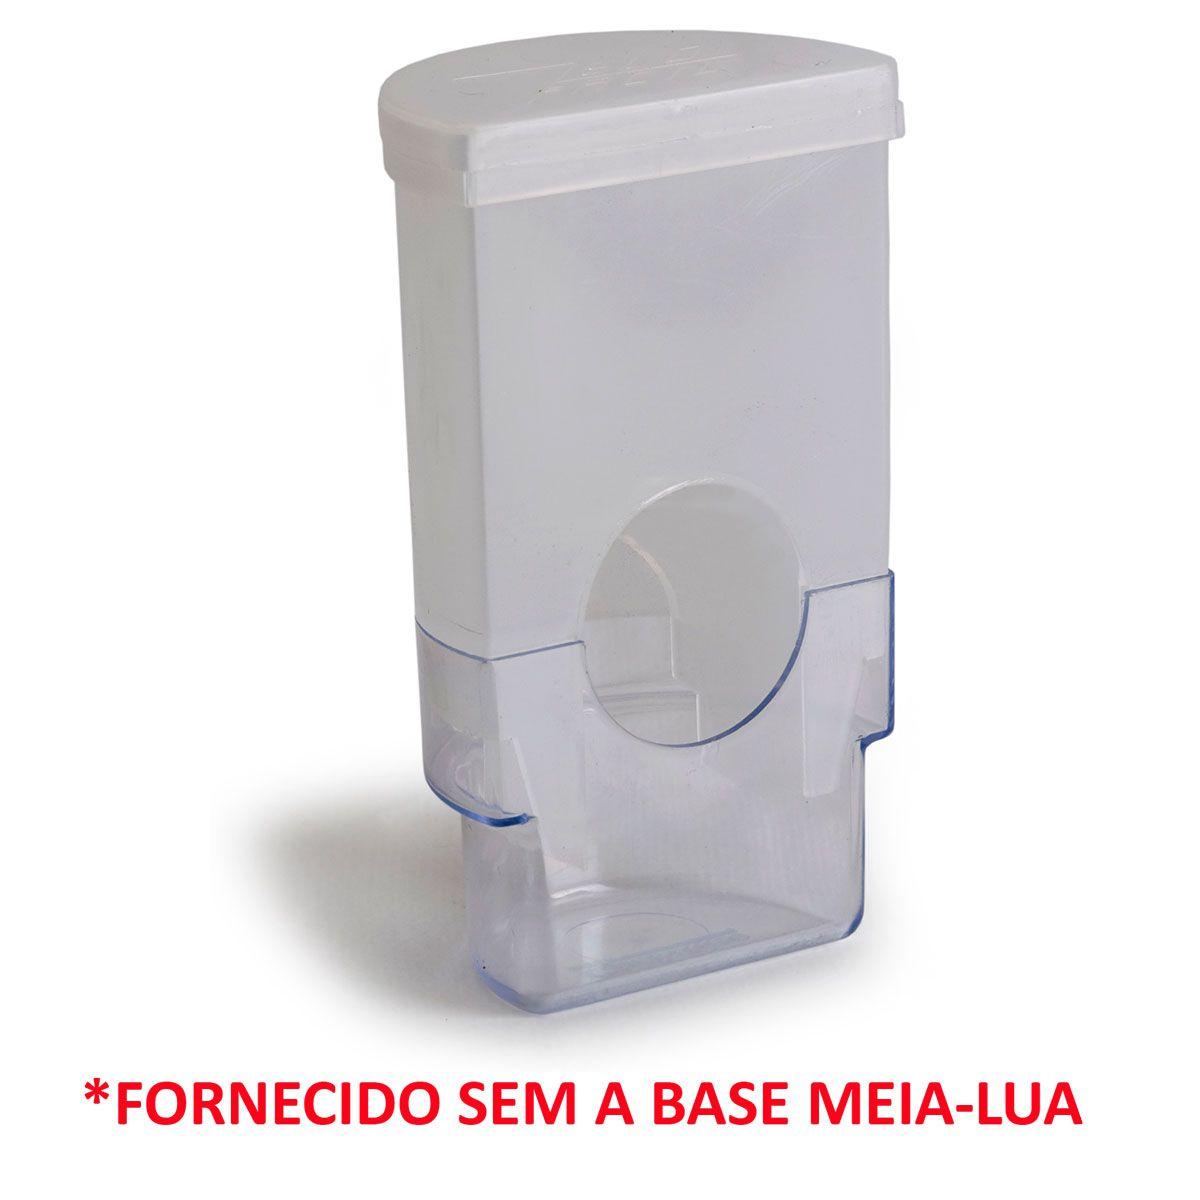 EXTENSOR DE SEMENTES P/ COM. MEIA - LUA  (Embalagem c/ 12 unid.)